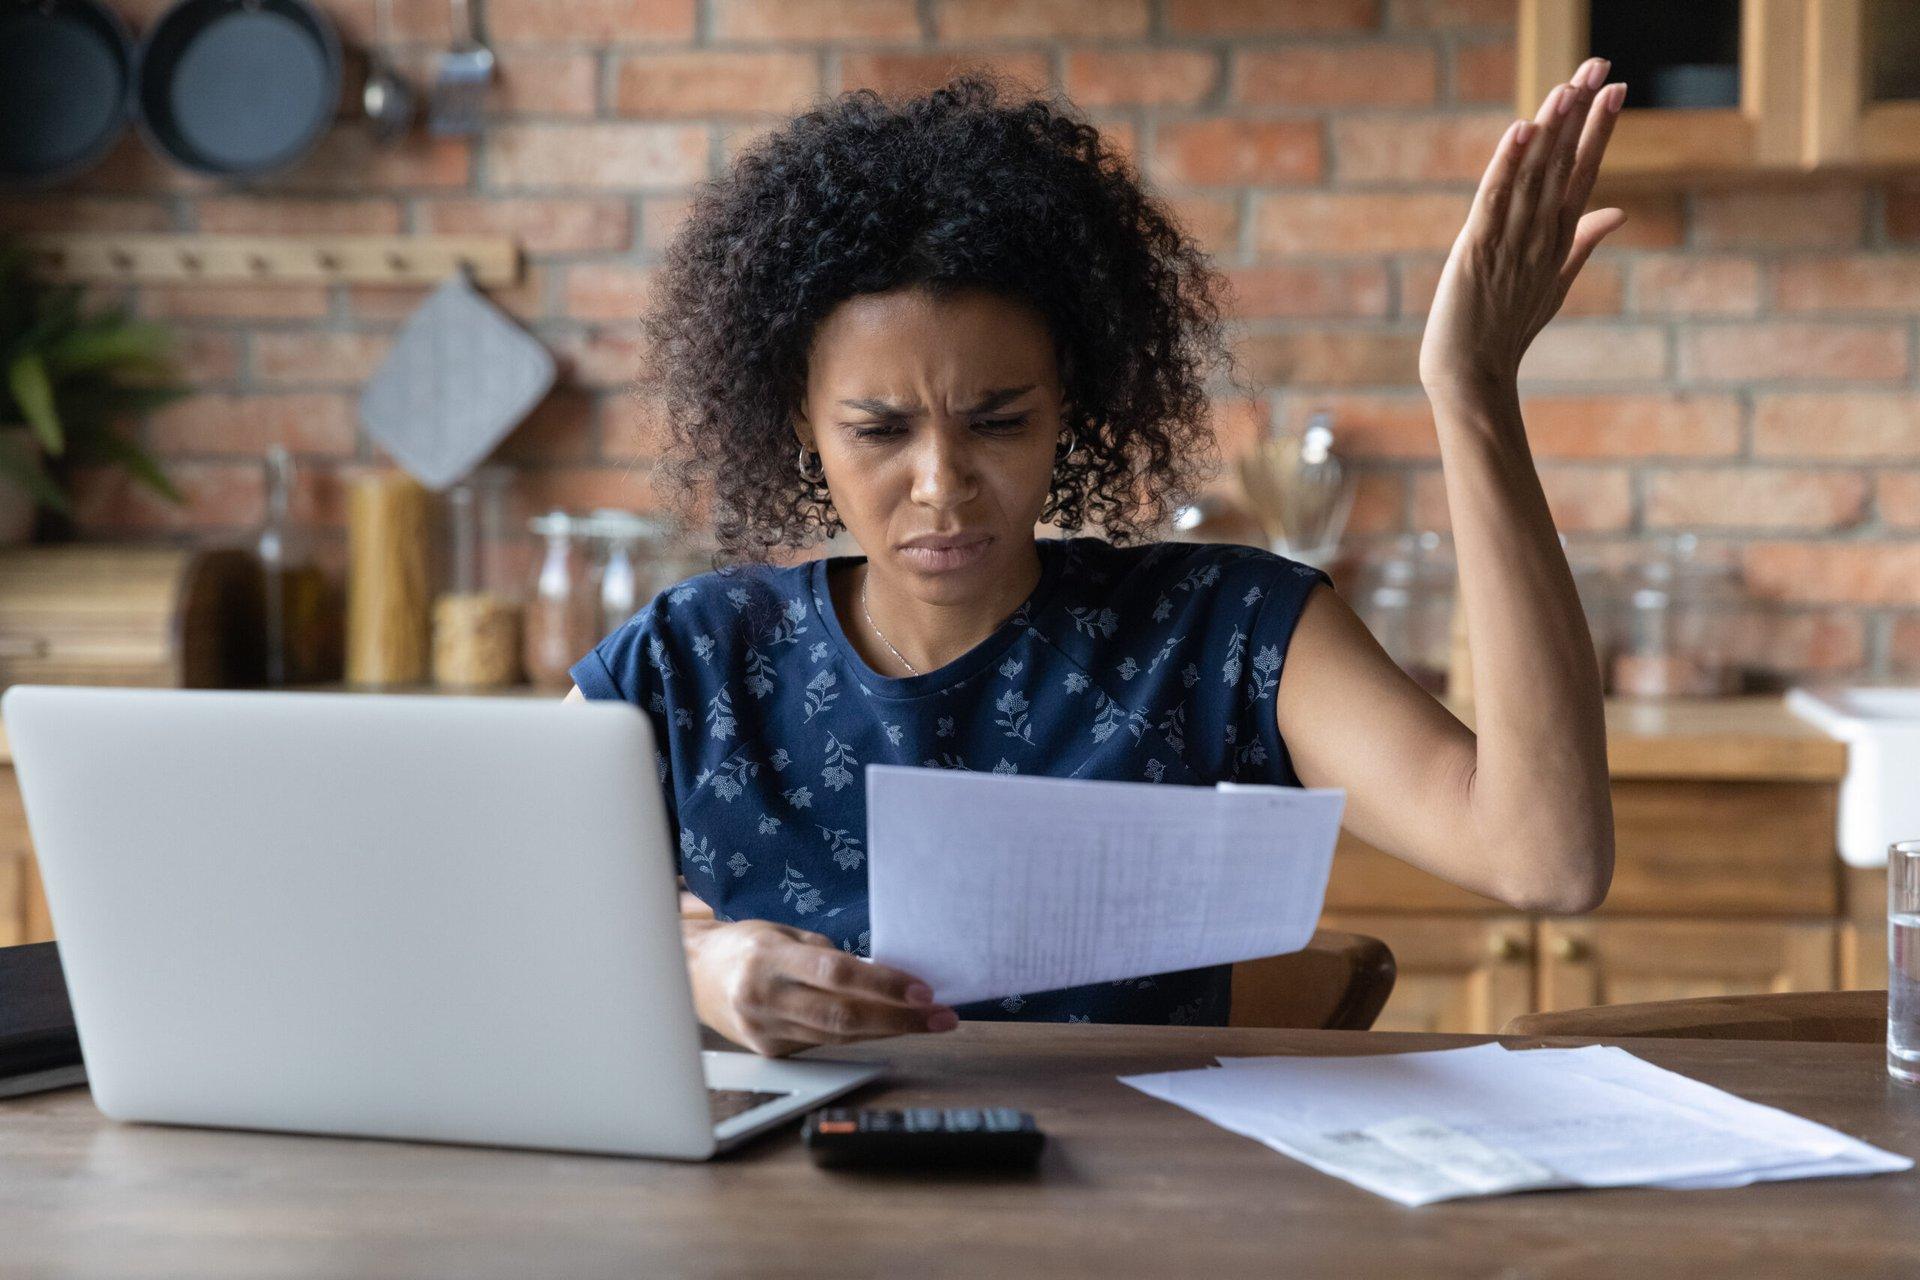 Unhappy woman reading a bill